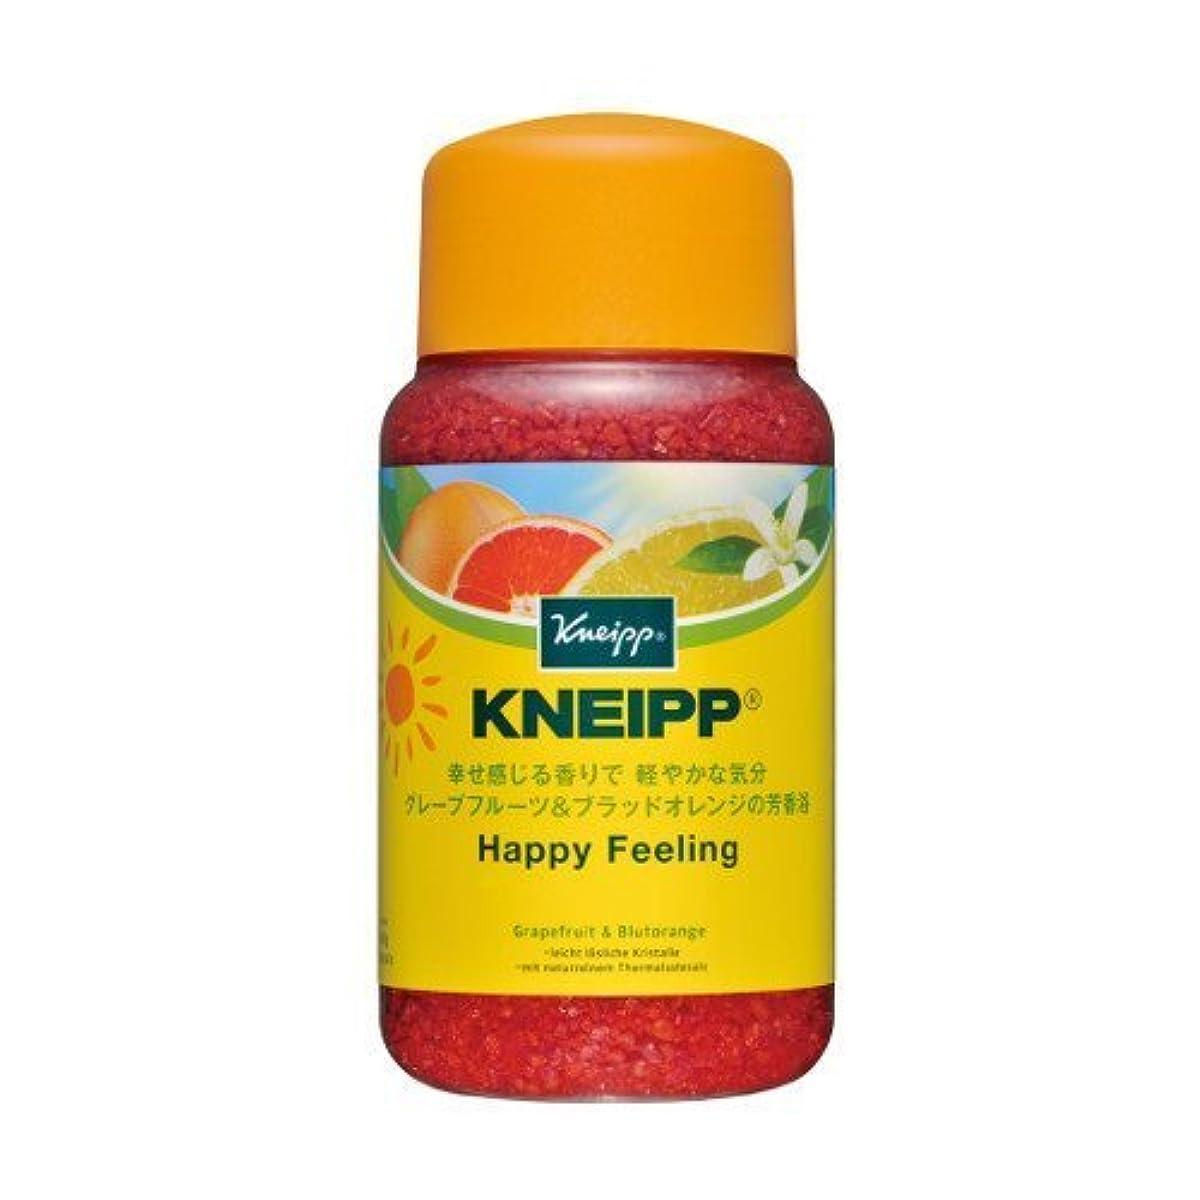 スプレー保険をかけるパイクナイプ ハッピーフィーリング グレープフルーツ&ブラッドオレンジ 600g